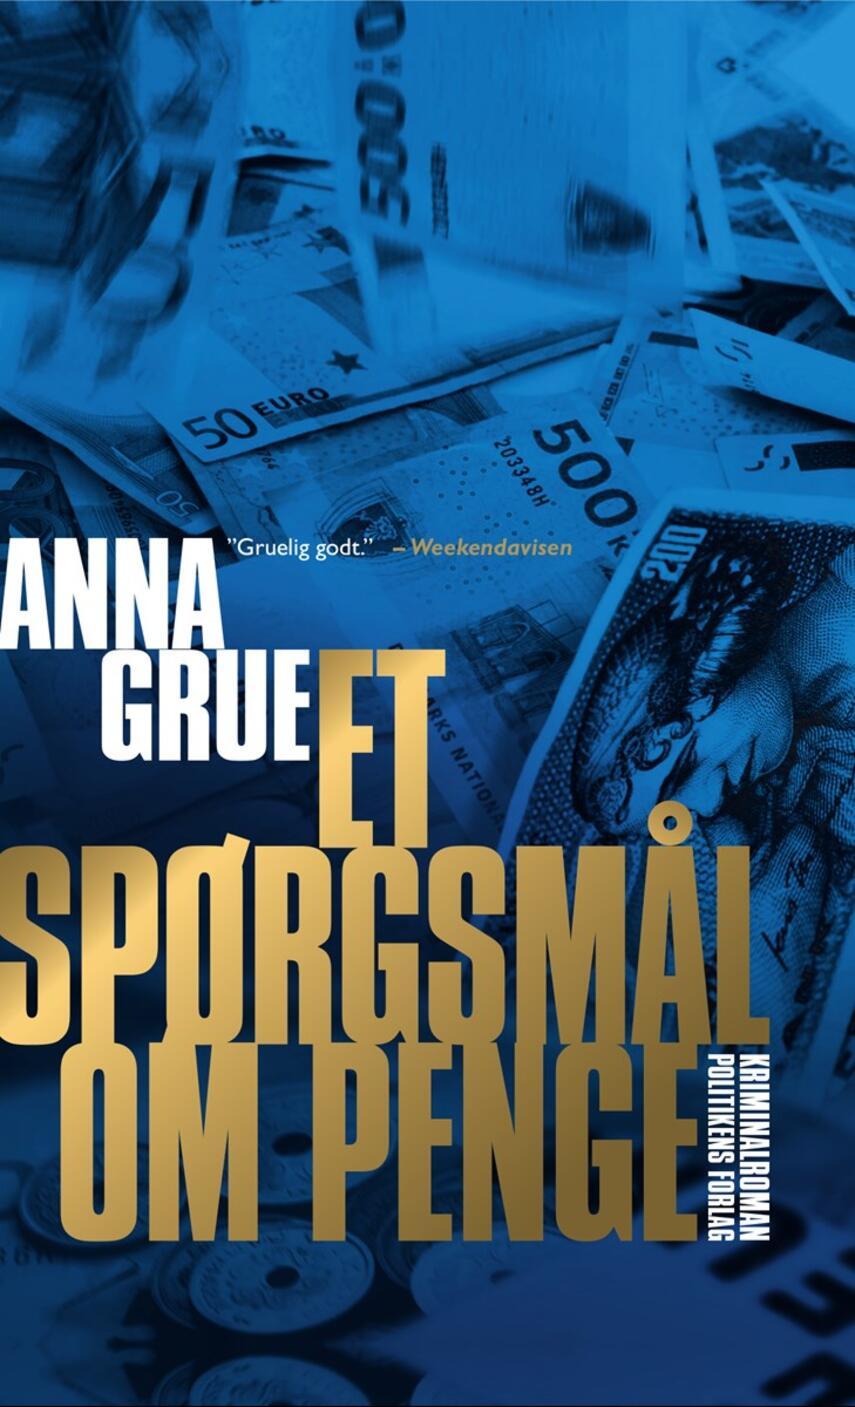 Anna Grue: Et spørgsmål om penge (Ved Githa Lehrmann)